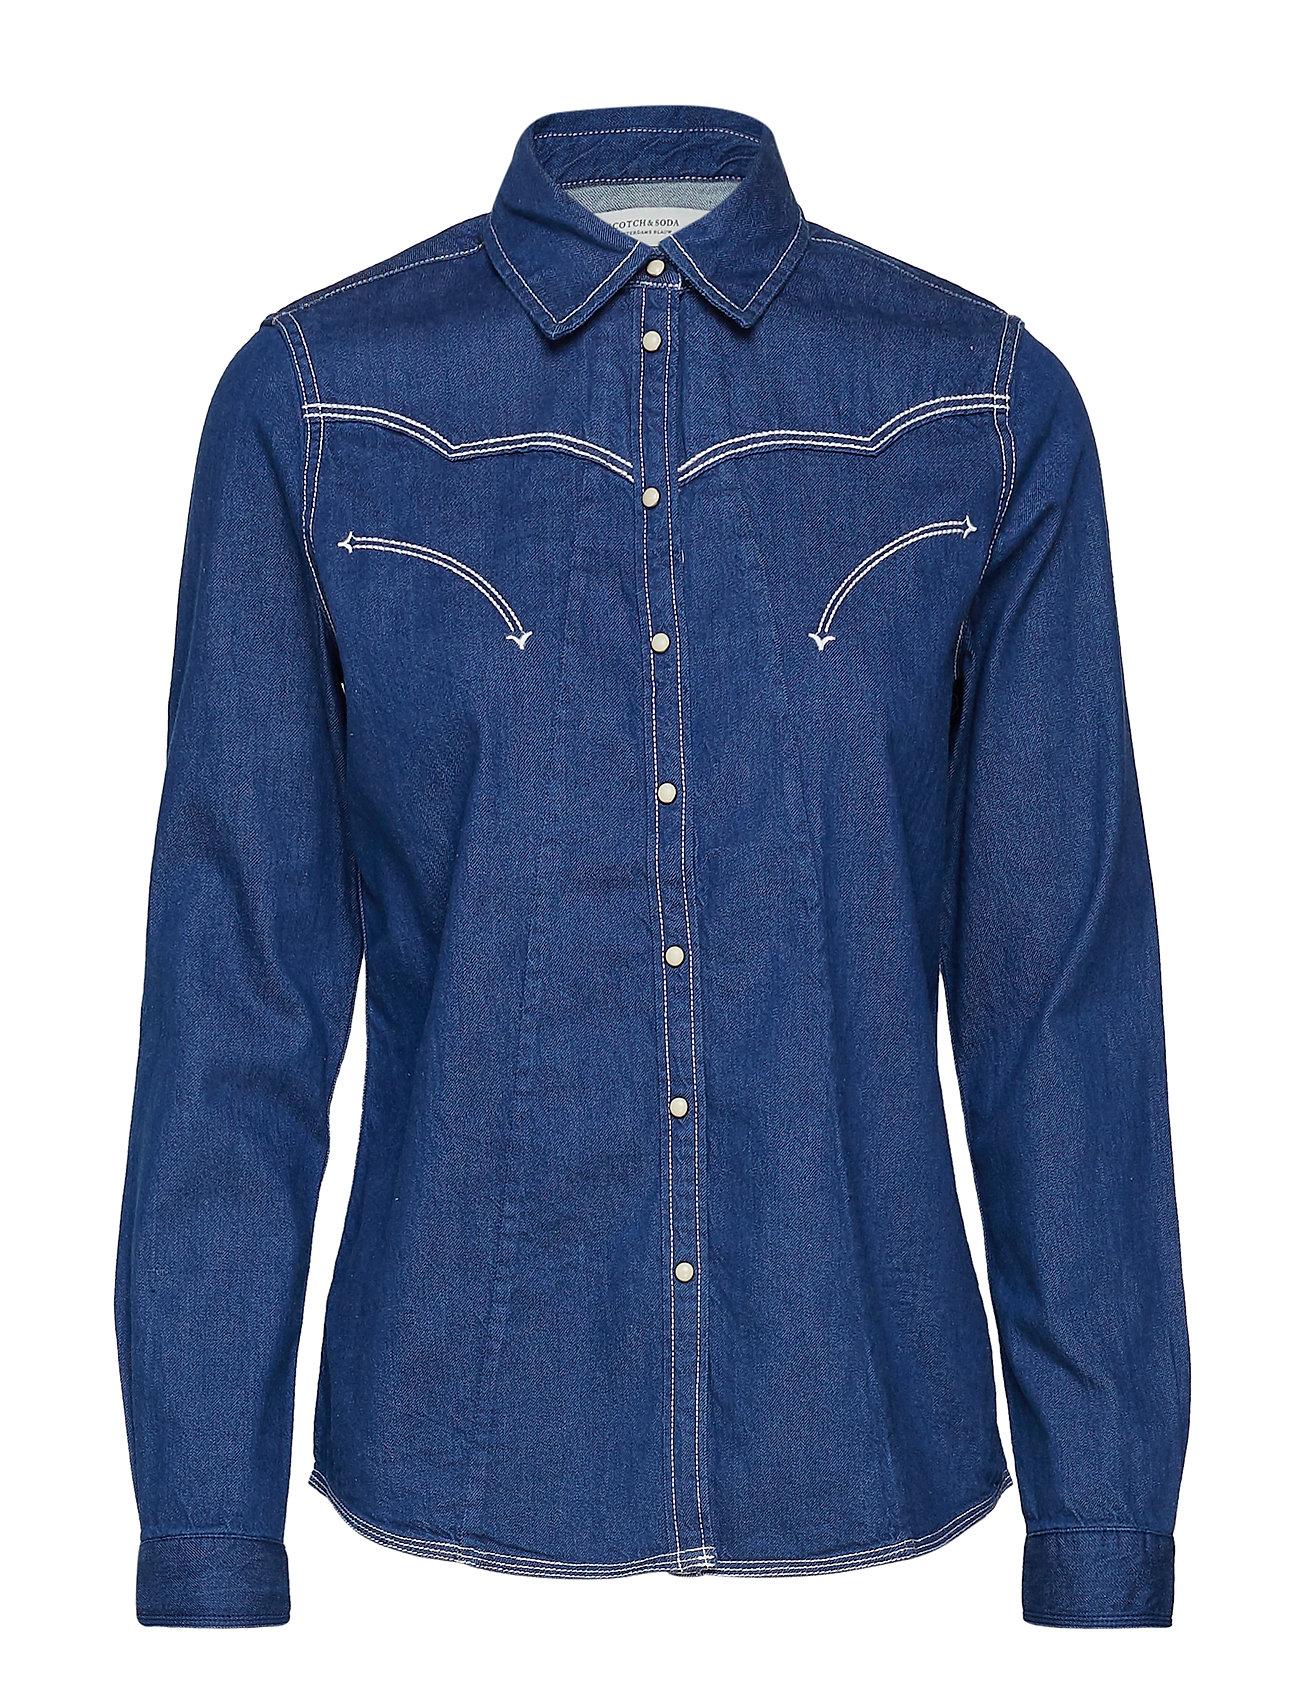 Scotch & Soda A-shape western shirt - INDIGO